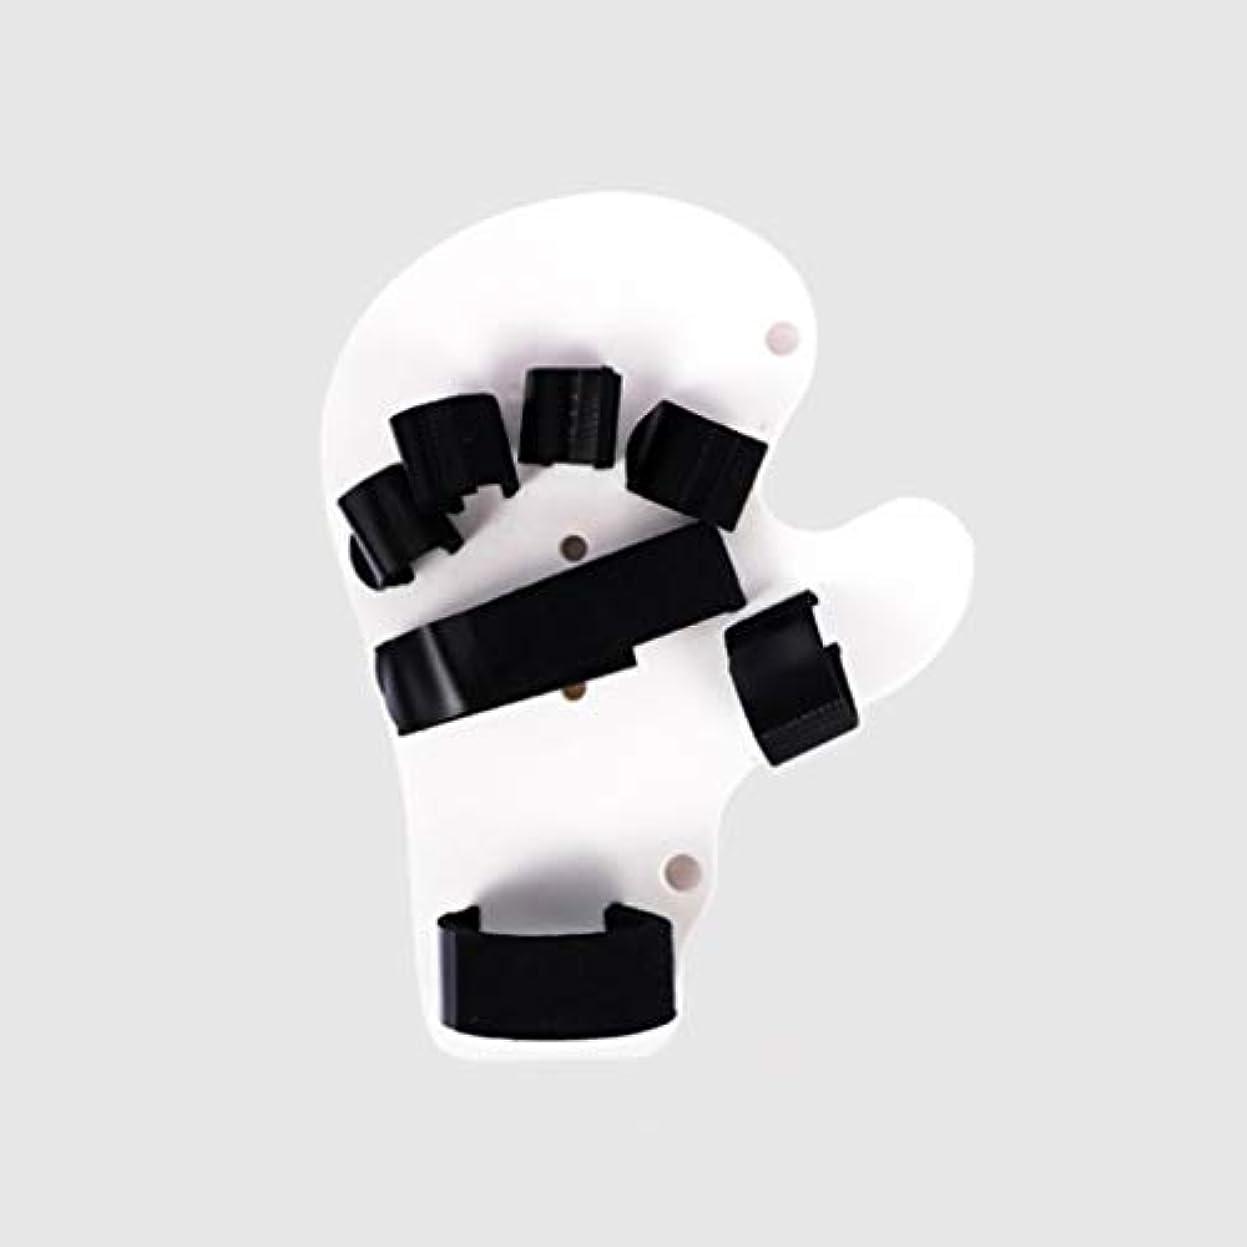 雑種良心船形プロテクターフィンガークッショントリガーフィンガーマレットフィンガーフィンガーナックル固定化指骨折創傷フィンガーエクステンションスプリント,白